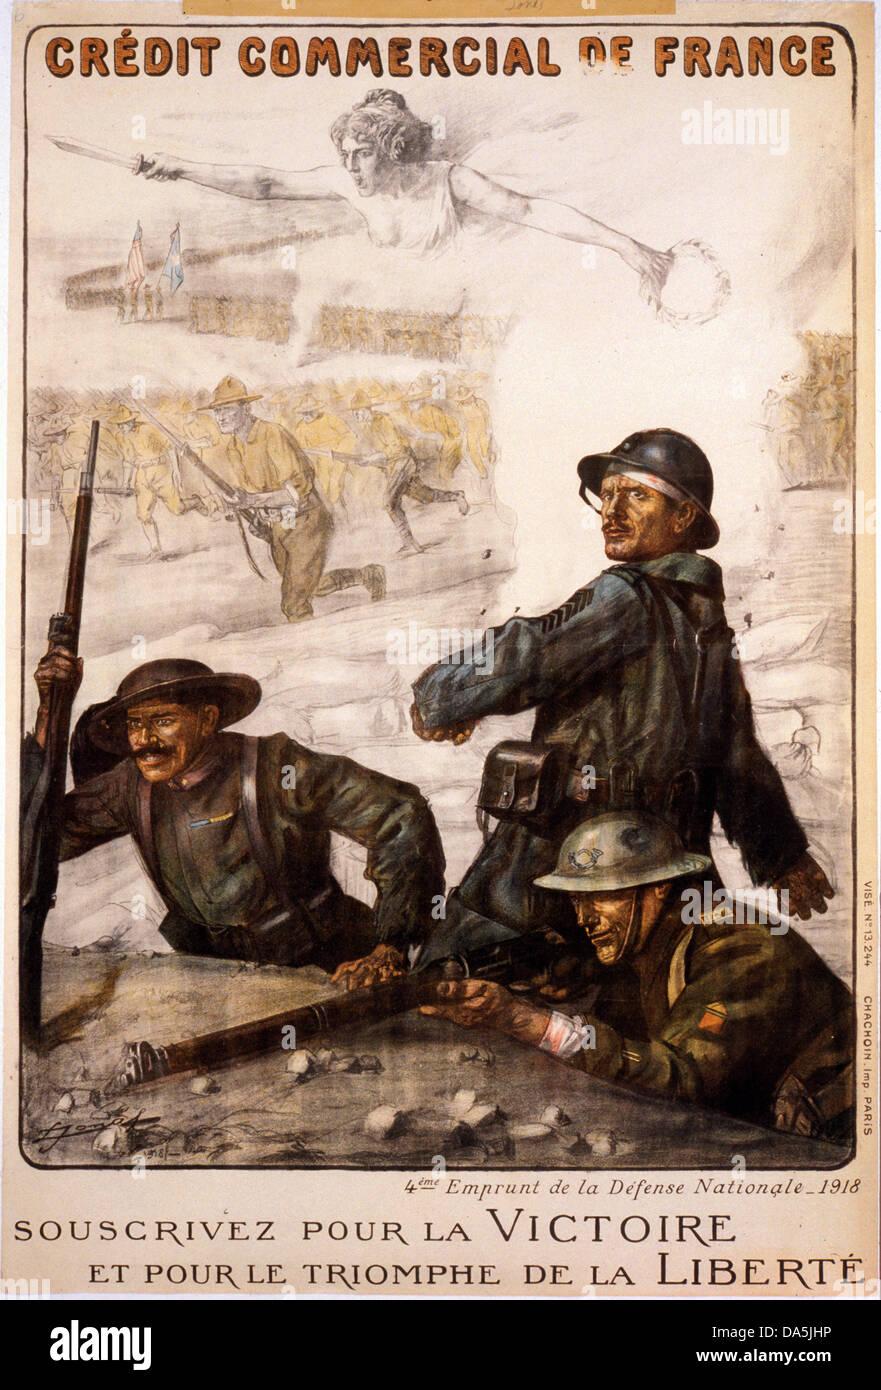 First World War, WWI, ... World War 1 French Propaganda